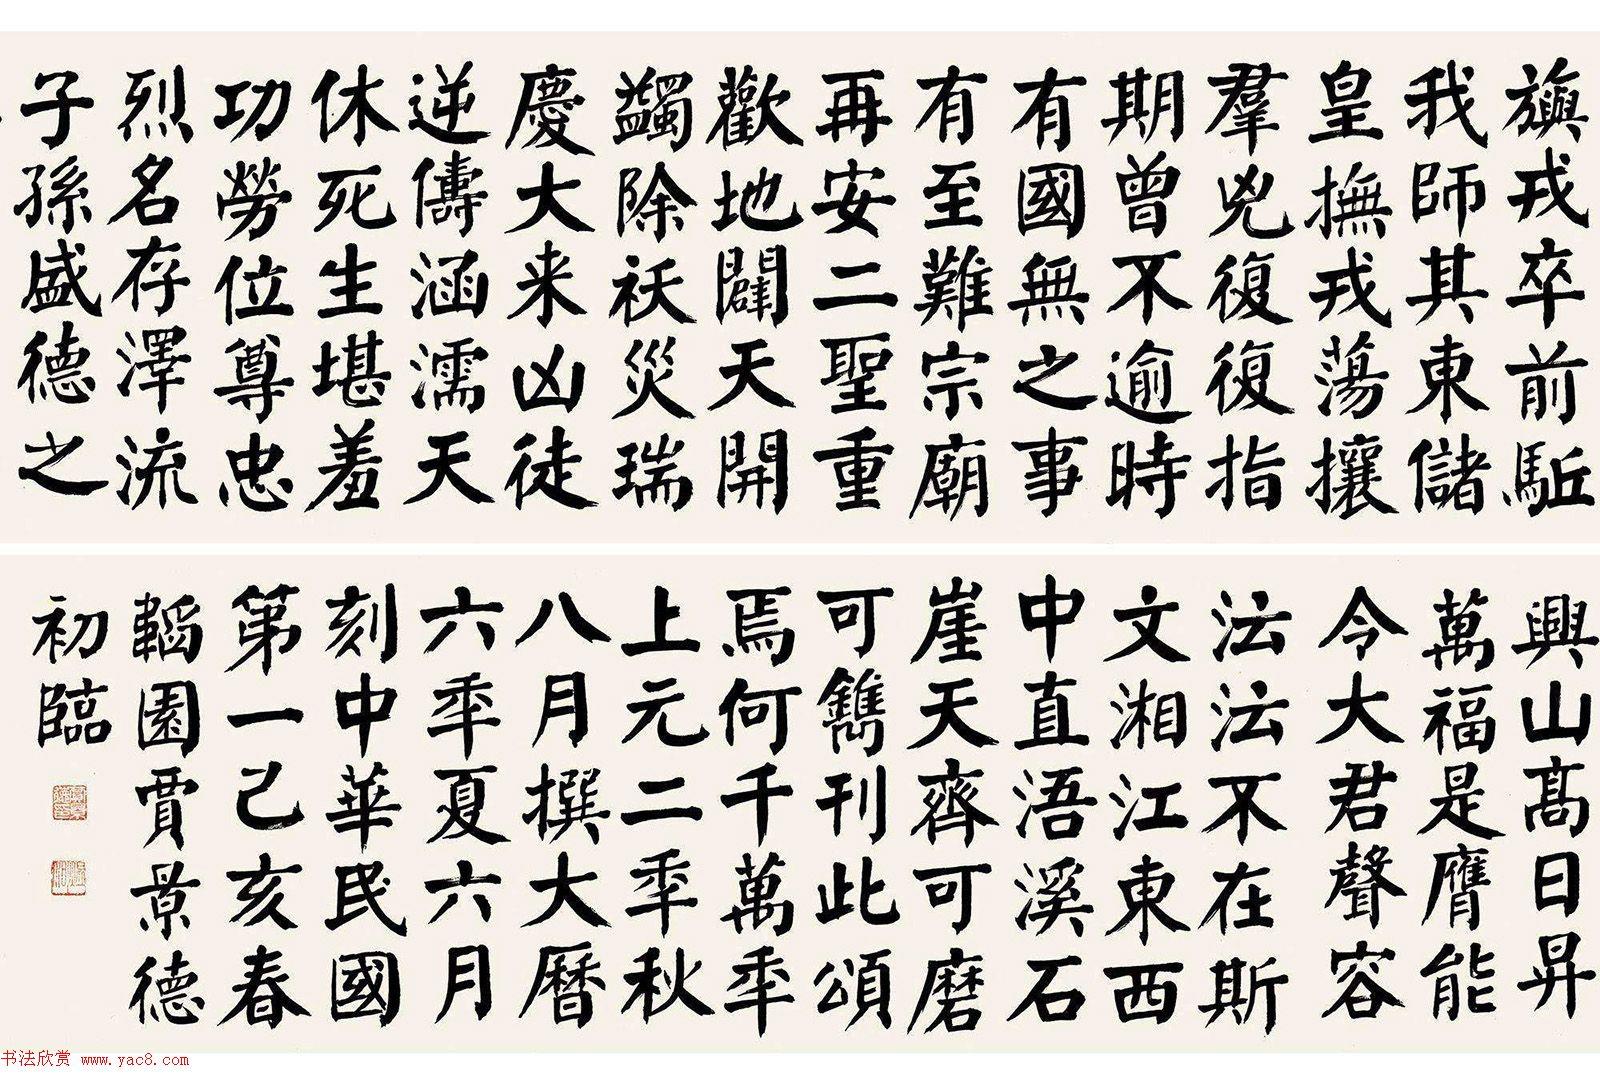 贾景德颜体楷书作品欣赏